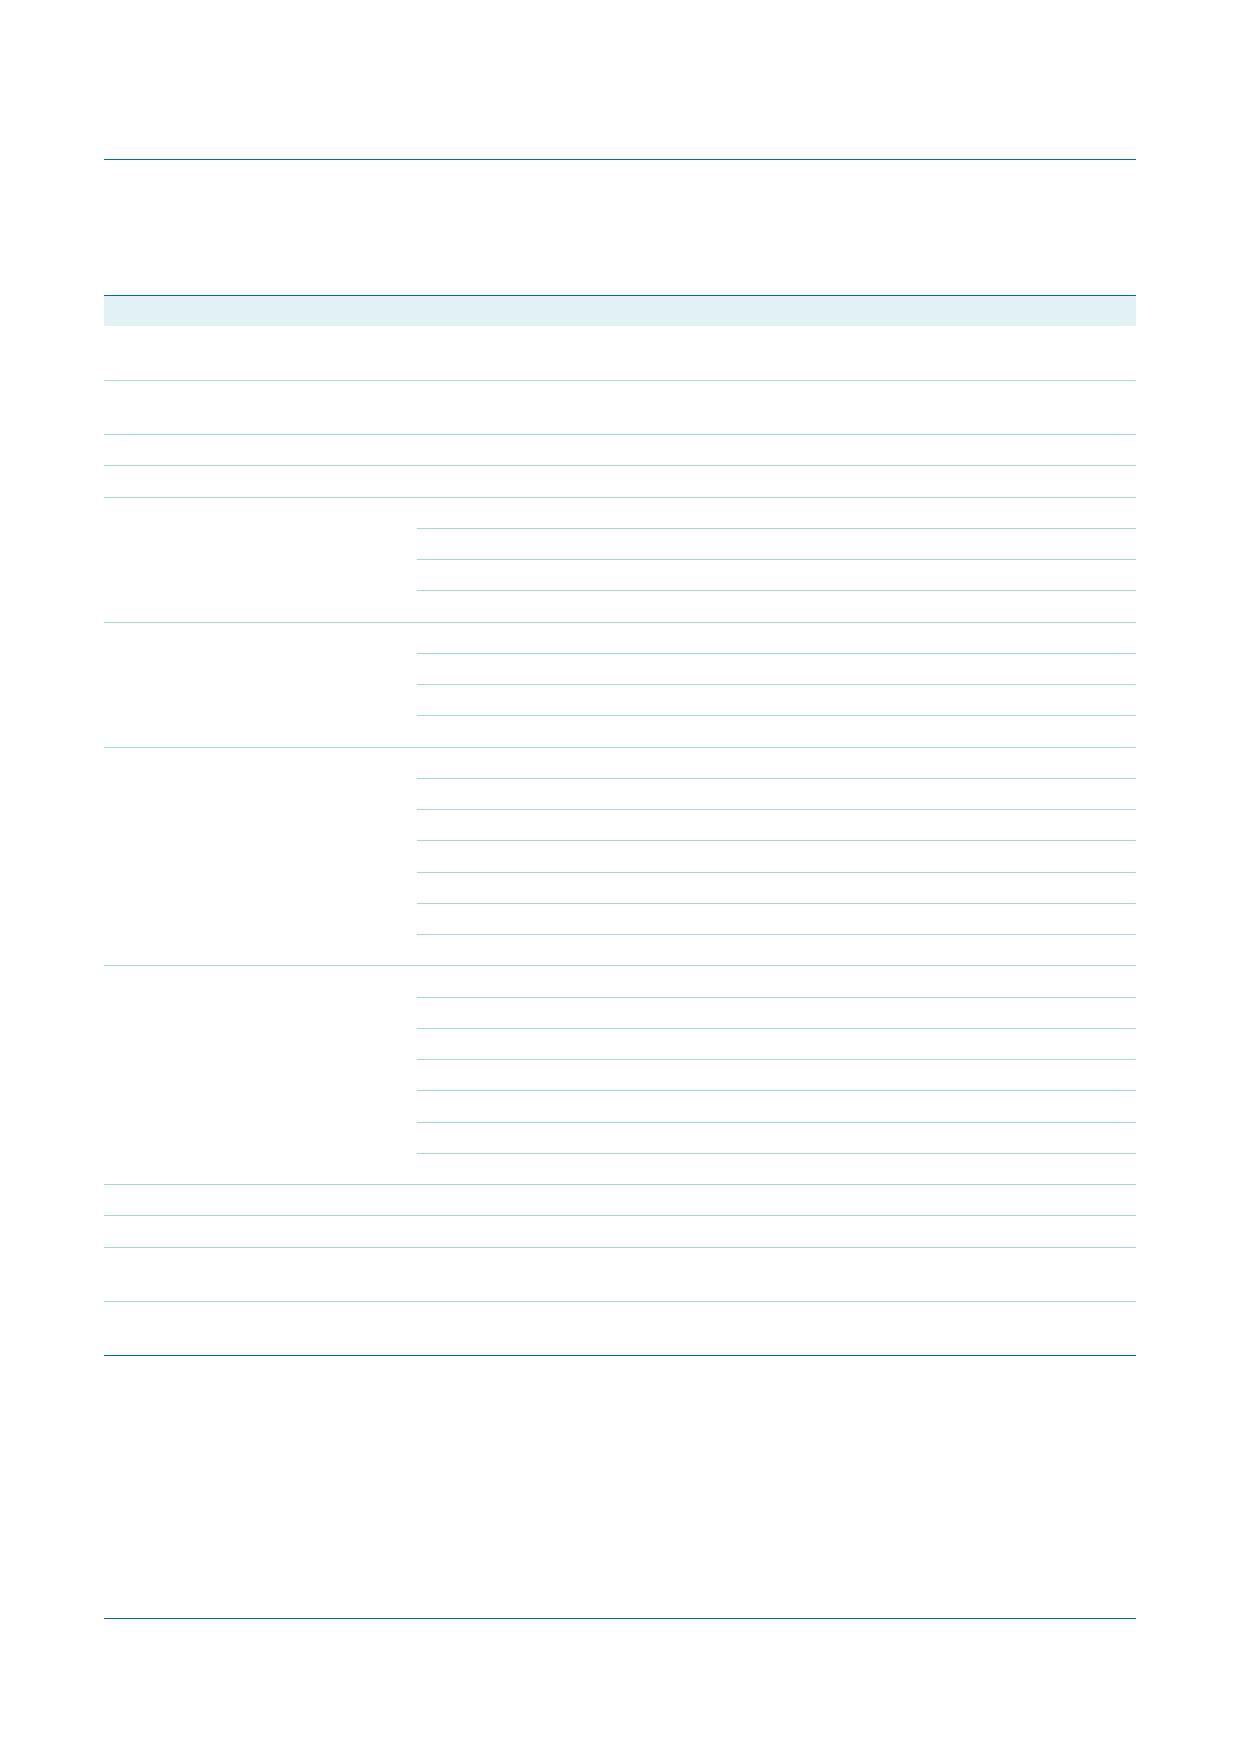 74LVC2G00 pdf